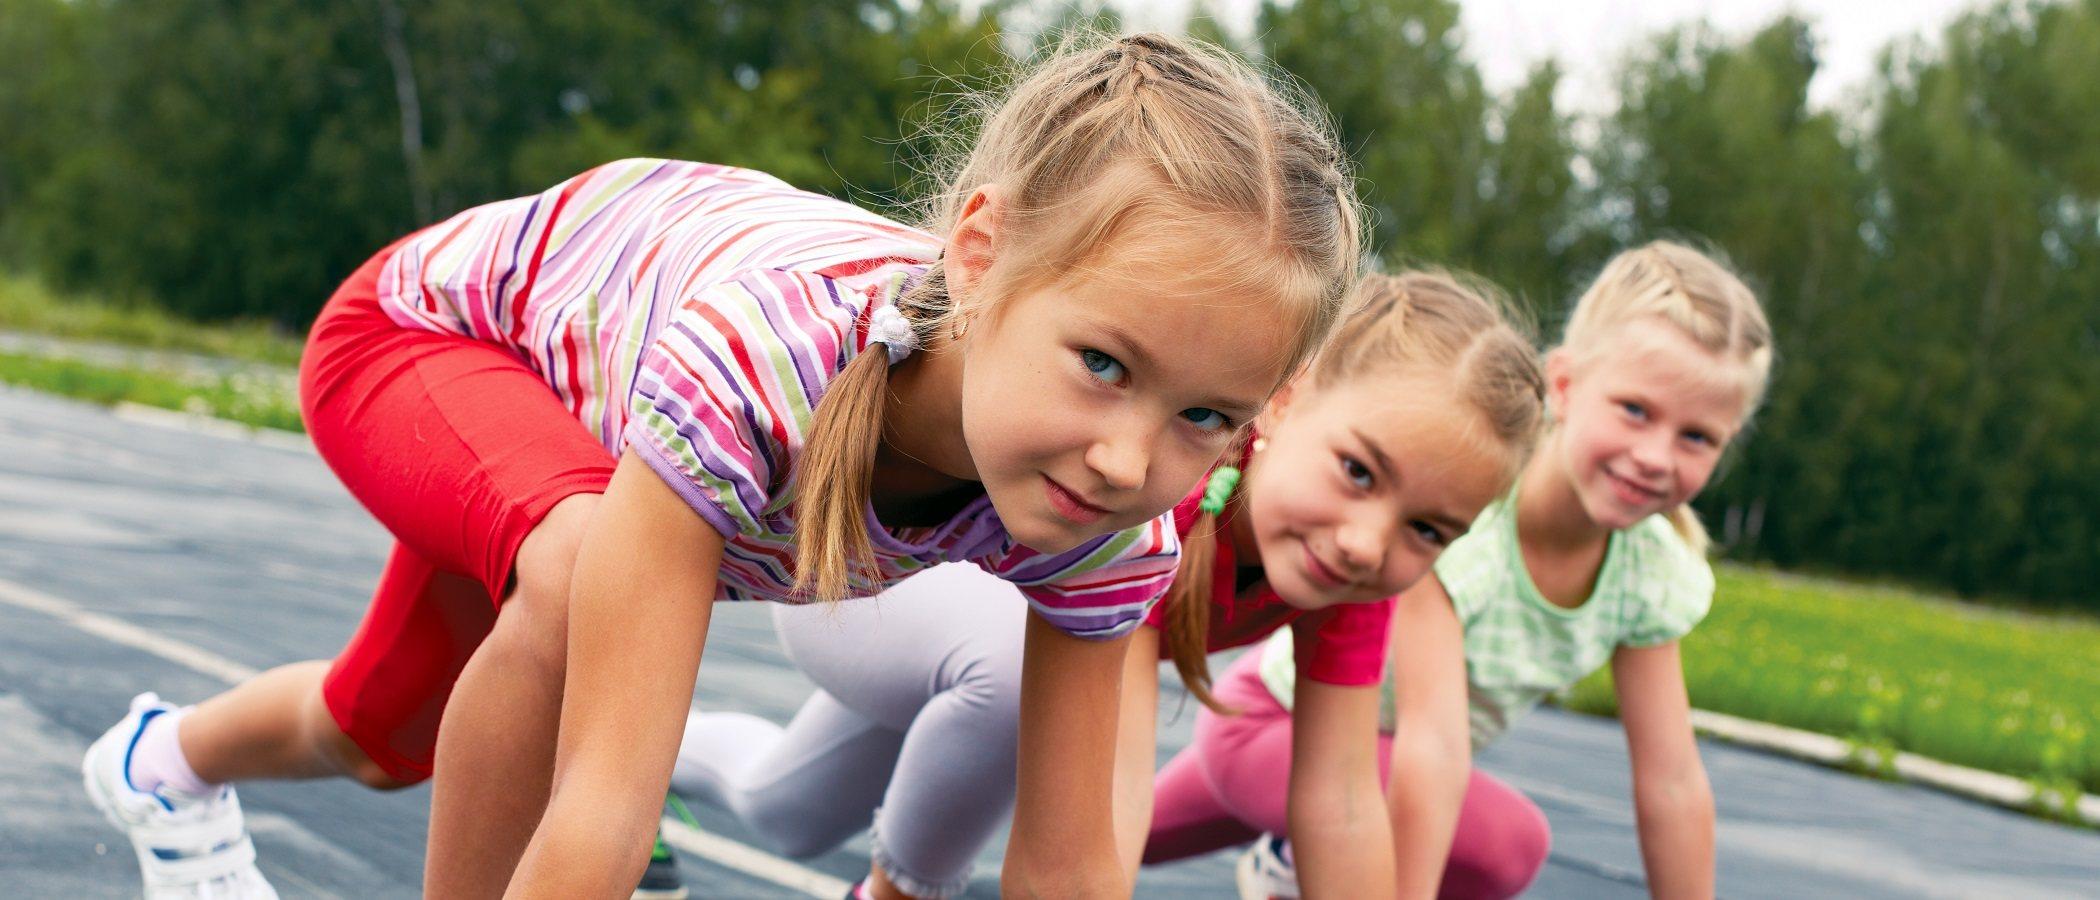 La competencia en los niños, ¿es bueno o malo?